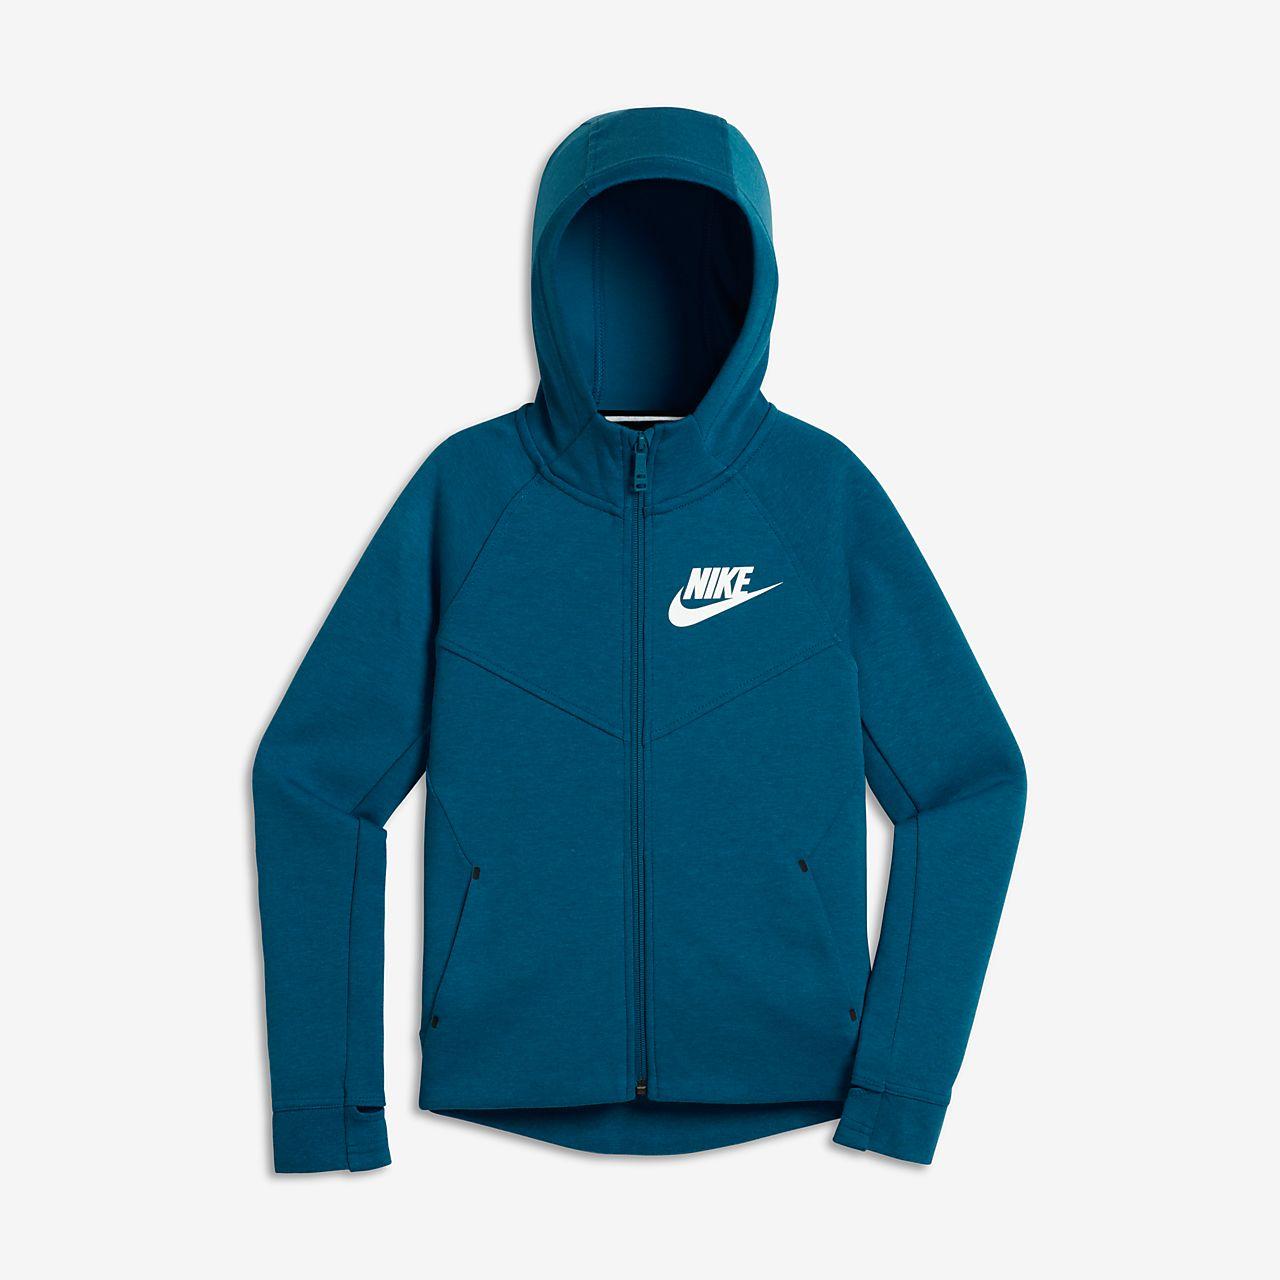 Nike Sportswear Tech Fleece Big Kids' Hoodies Industrial Blue/Heather/White